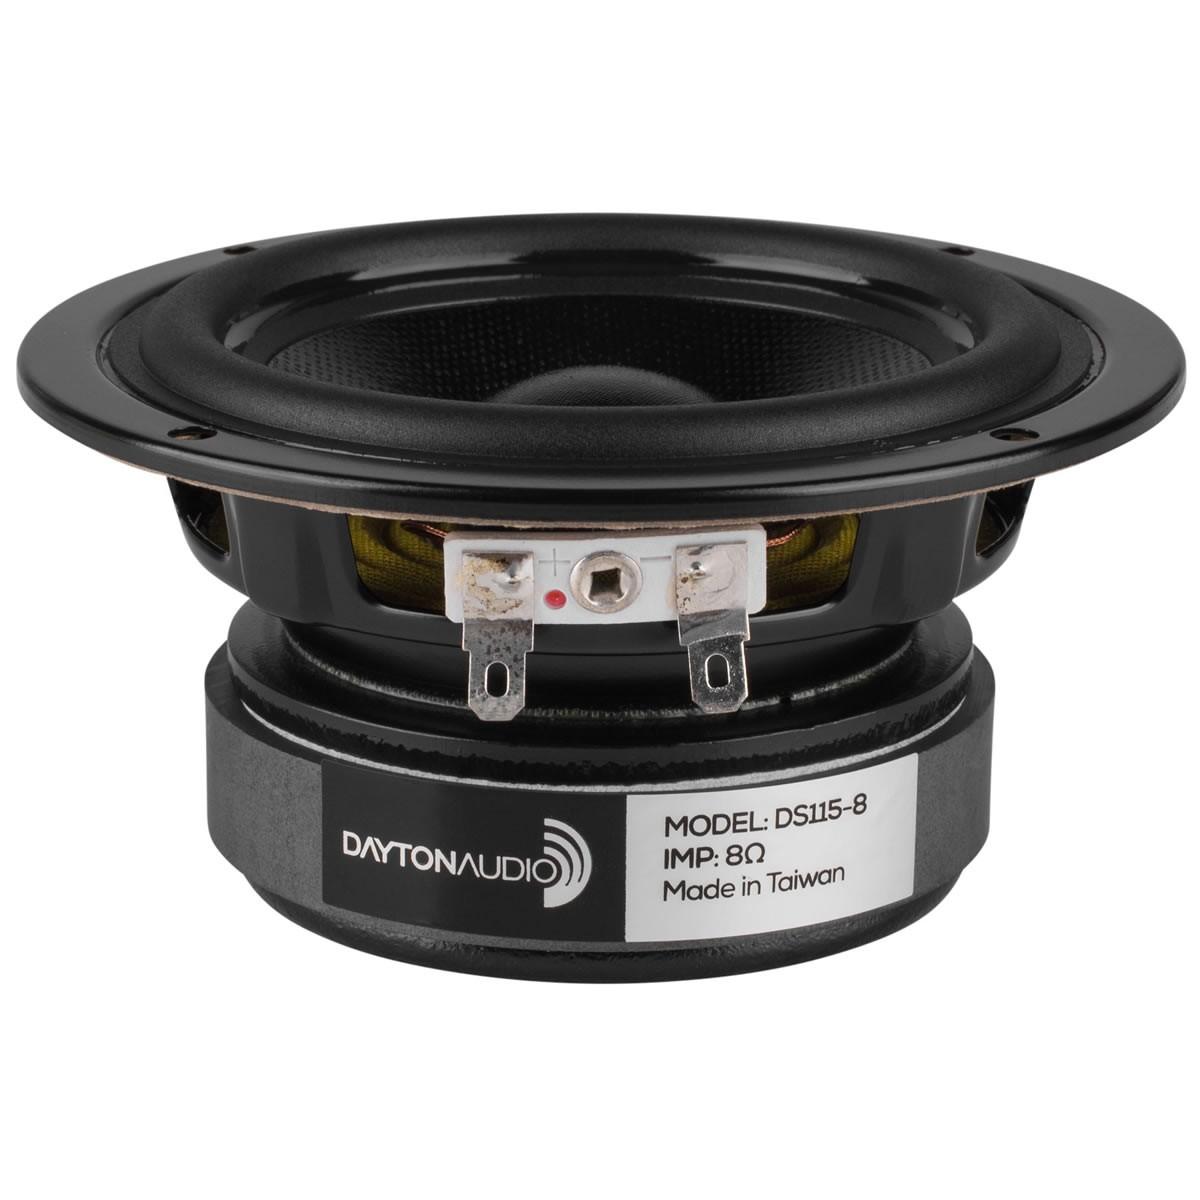 DAYTON AUDIO DS115-8 Designer Series Speaker Driver Midbass 35W 8 Ohm 85dB 60Hz - 8000Hz Ø10cm